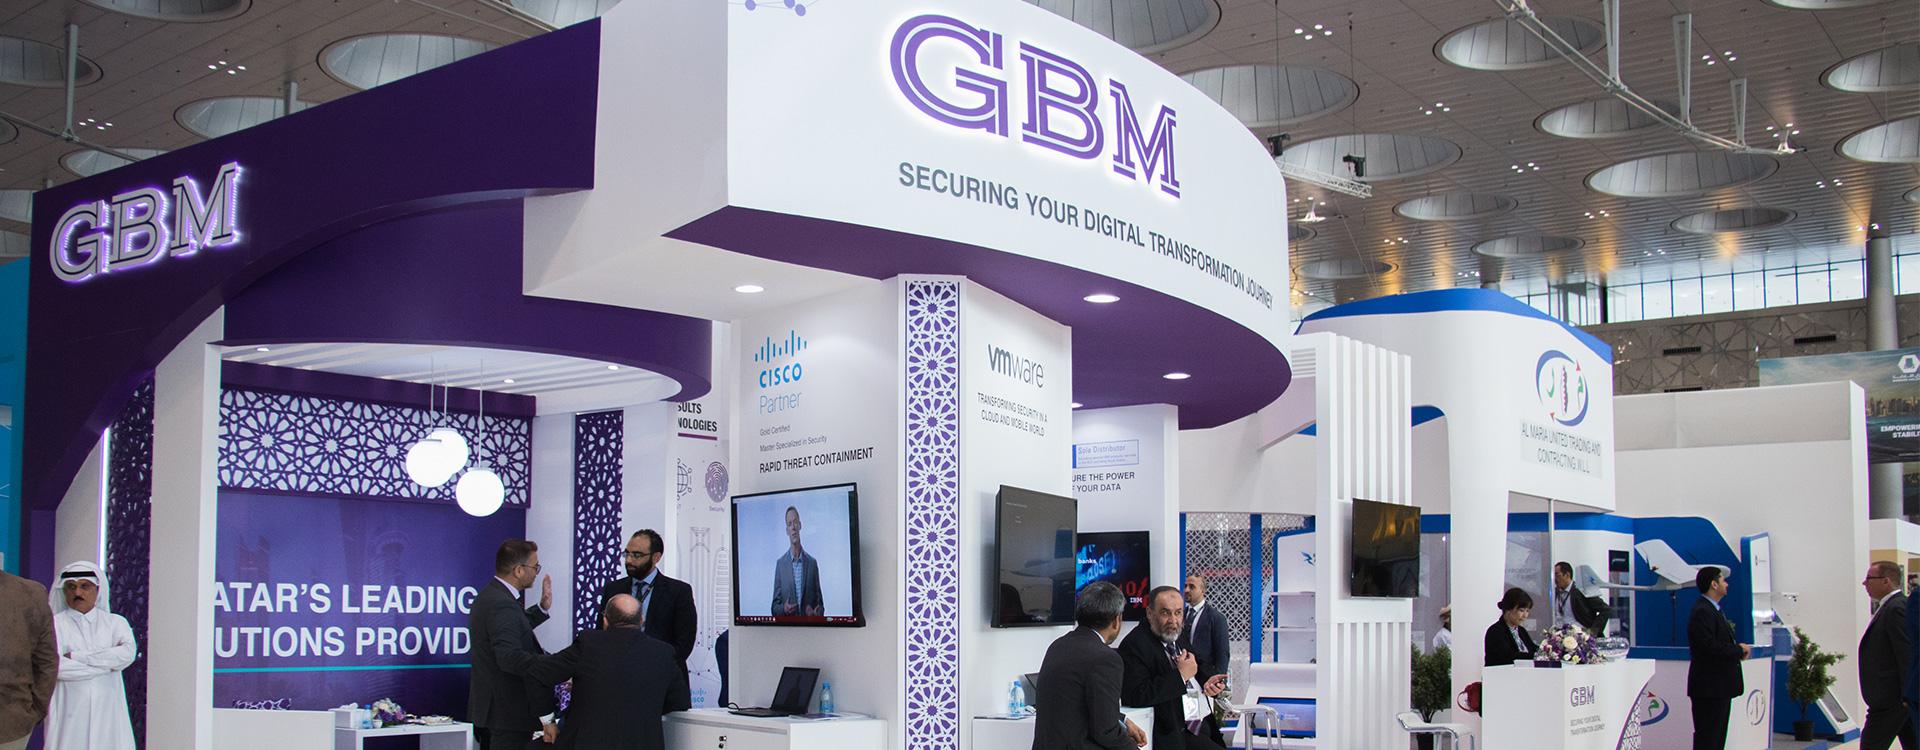 Gulf Business Machines